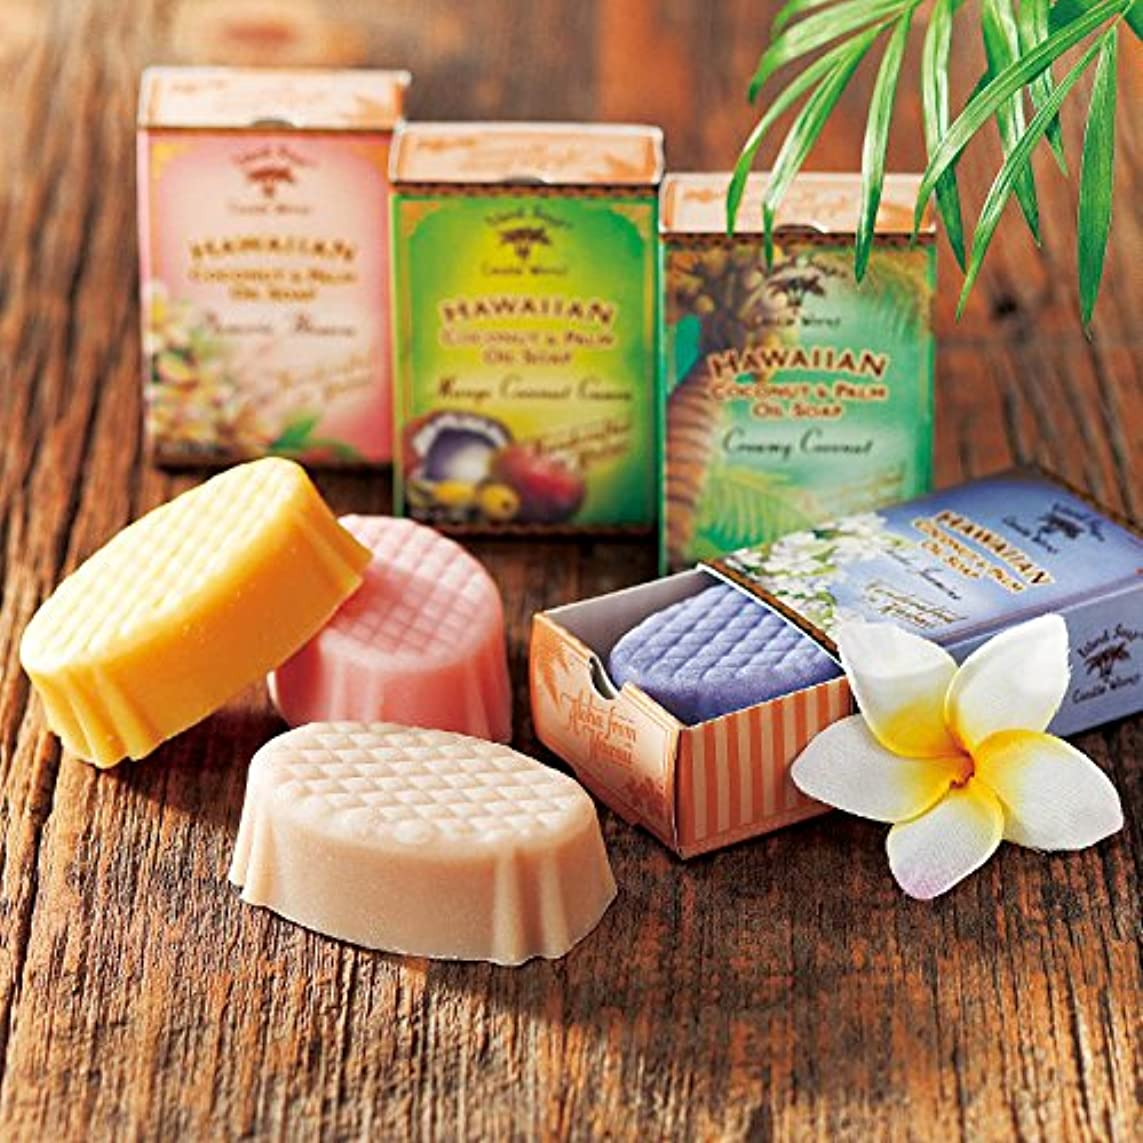 粒可能性のためにハワイ 土産 アイランドソープ ココナッツソープ 4種セット (海外旅行 ハワイ お土産)